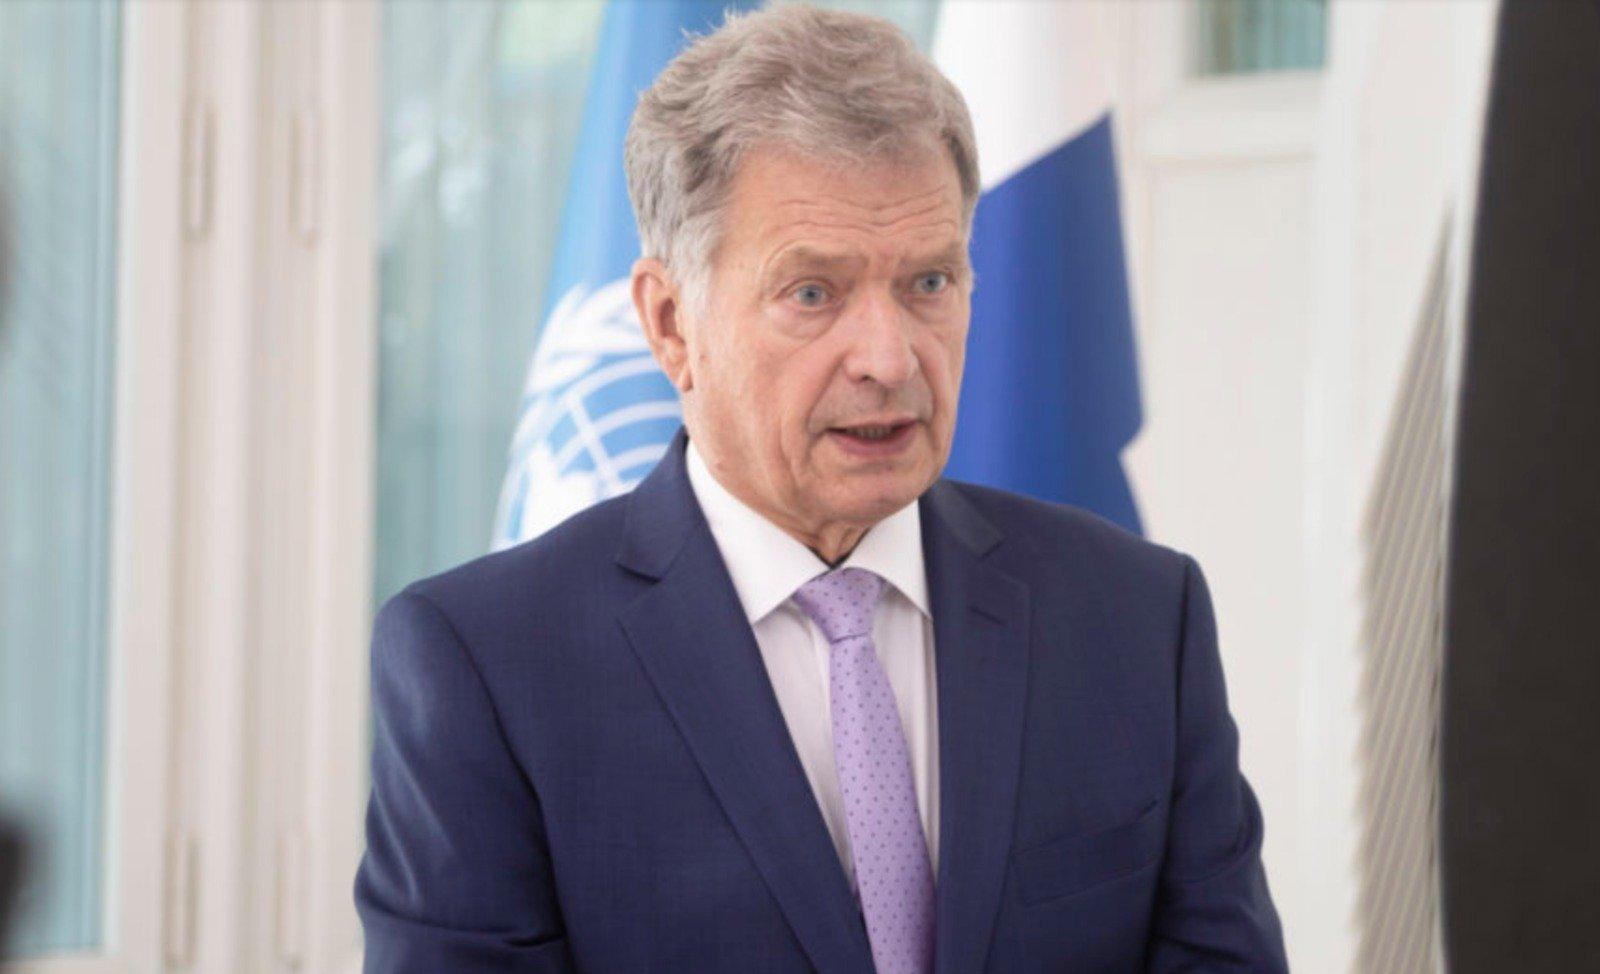 芬蘭10月16日宣佈,因應「港版國安法」,總統尼尼斯托(Sauli Niinisto)已批准暫停與香港的引渡協議。(Sauli Niinisto Twitter)